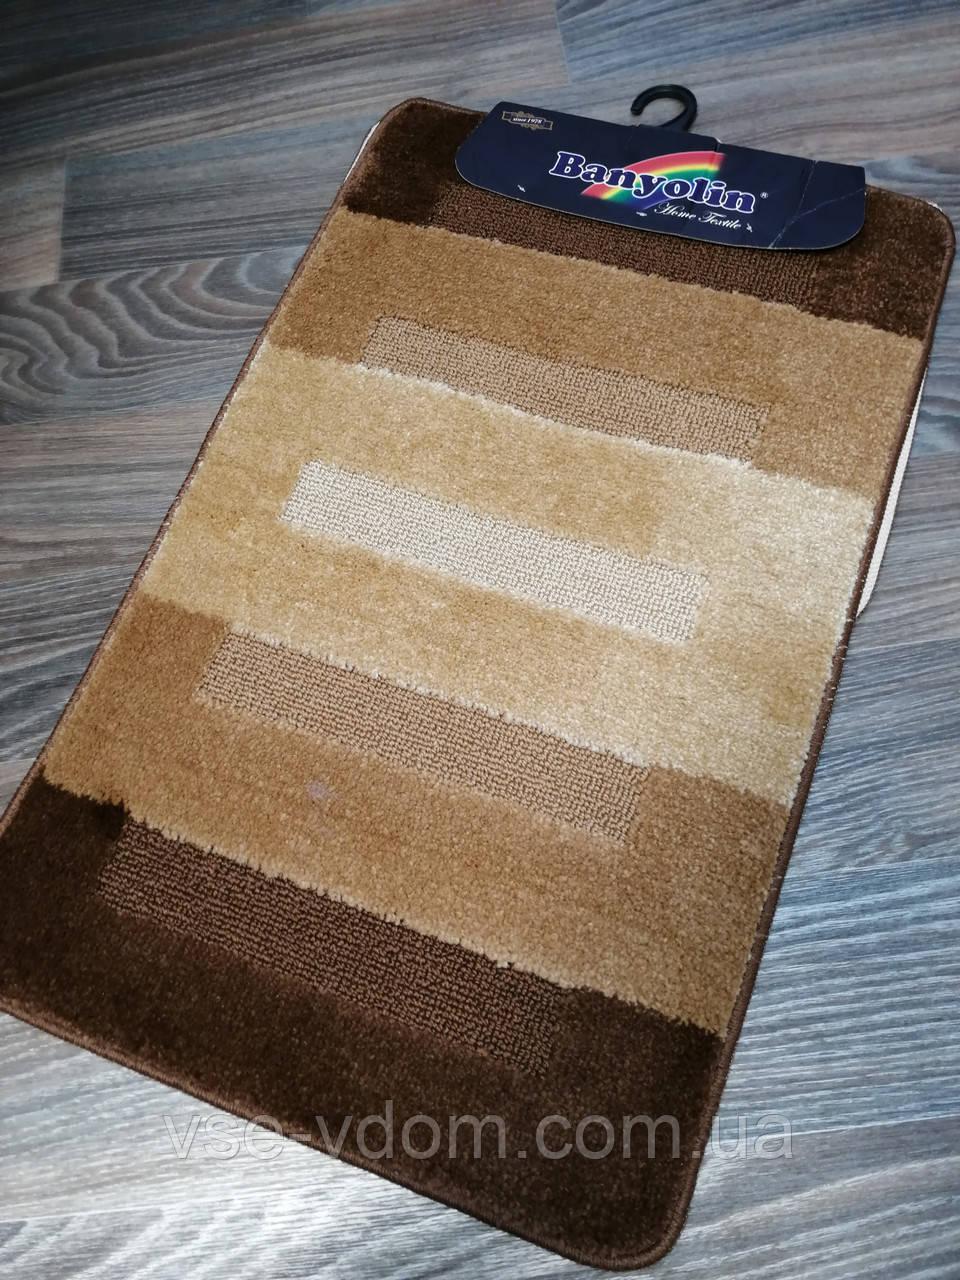 Набор ковриков для ванной комнаты Banyolin коричневый 80*50 см